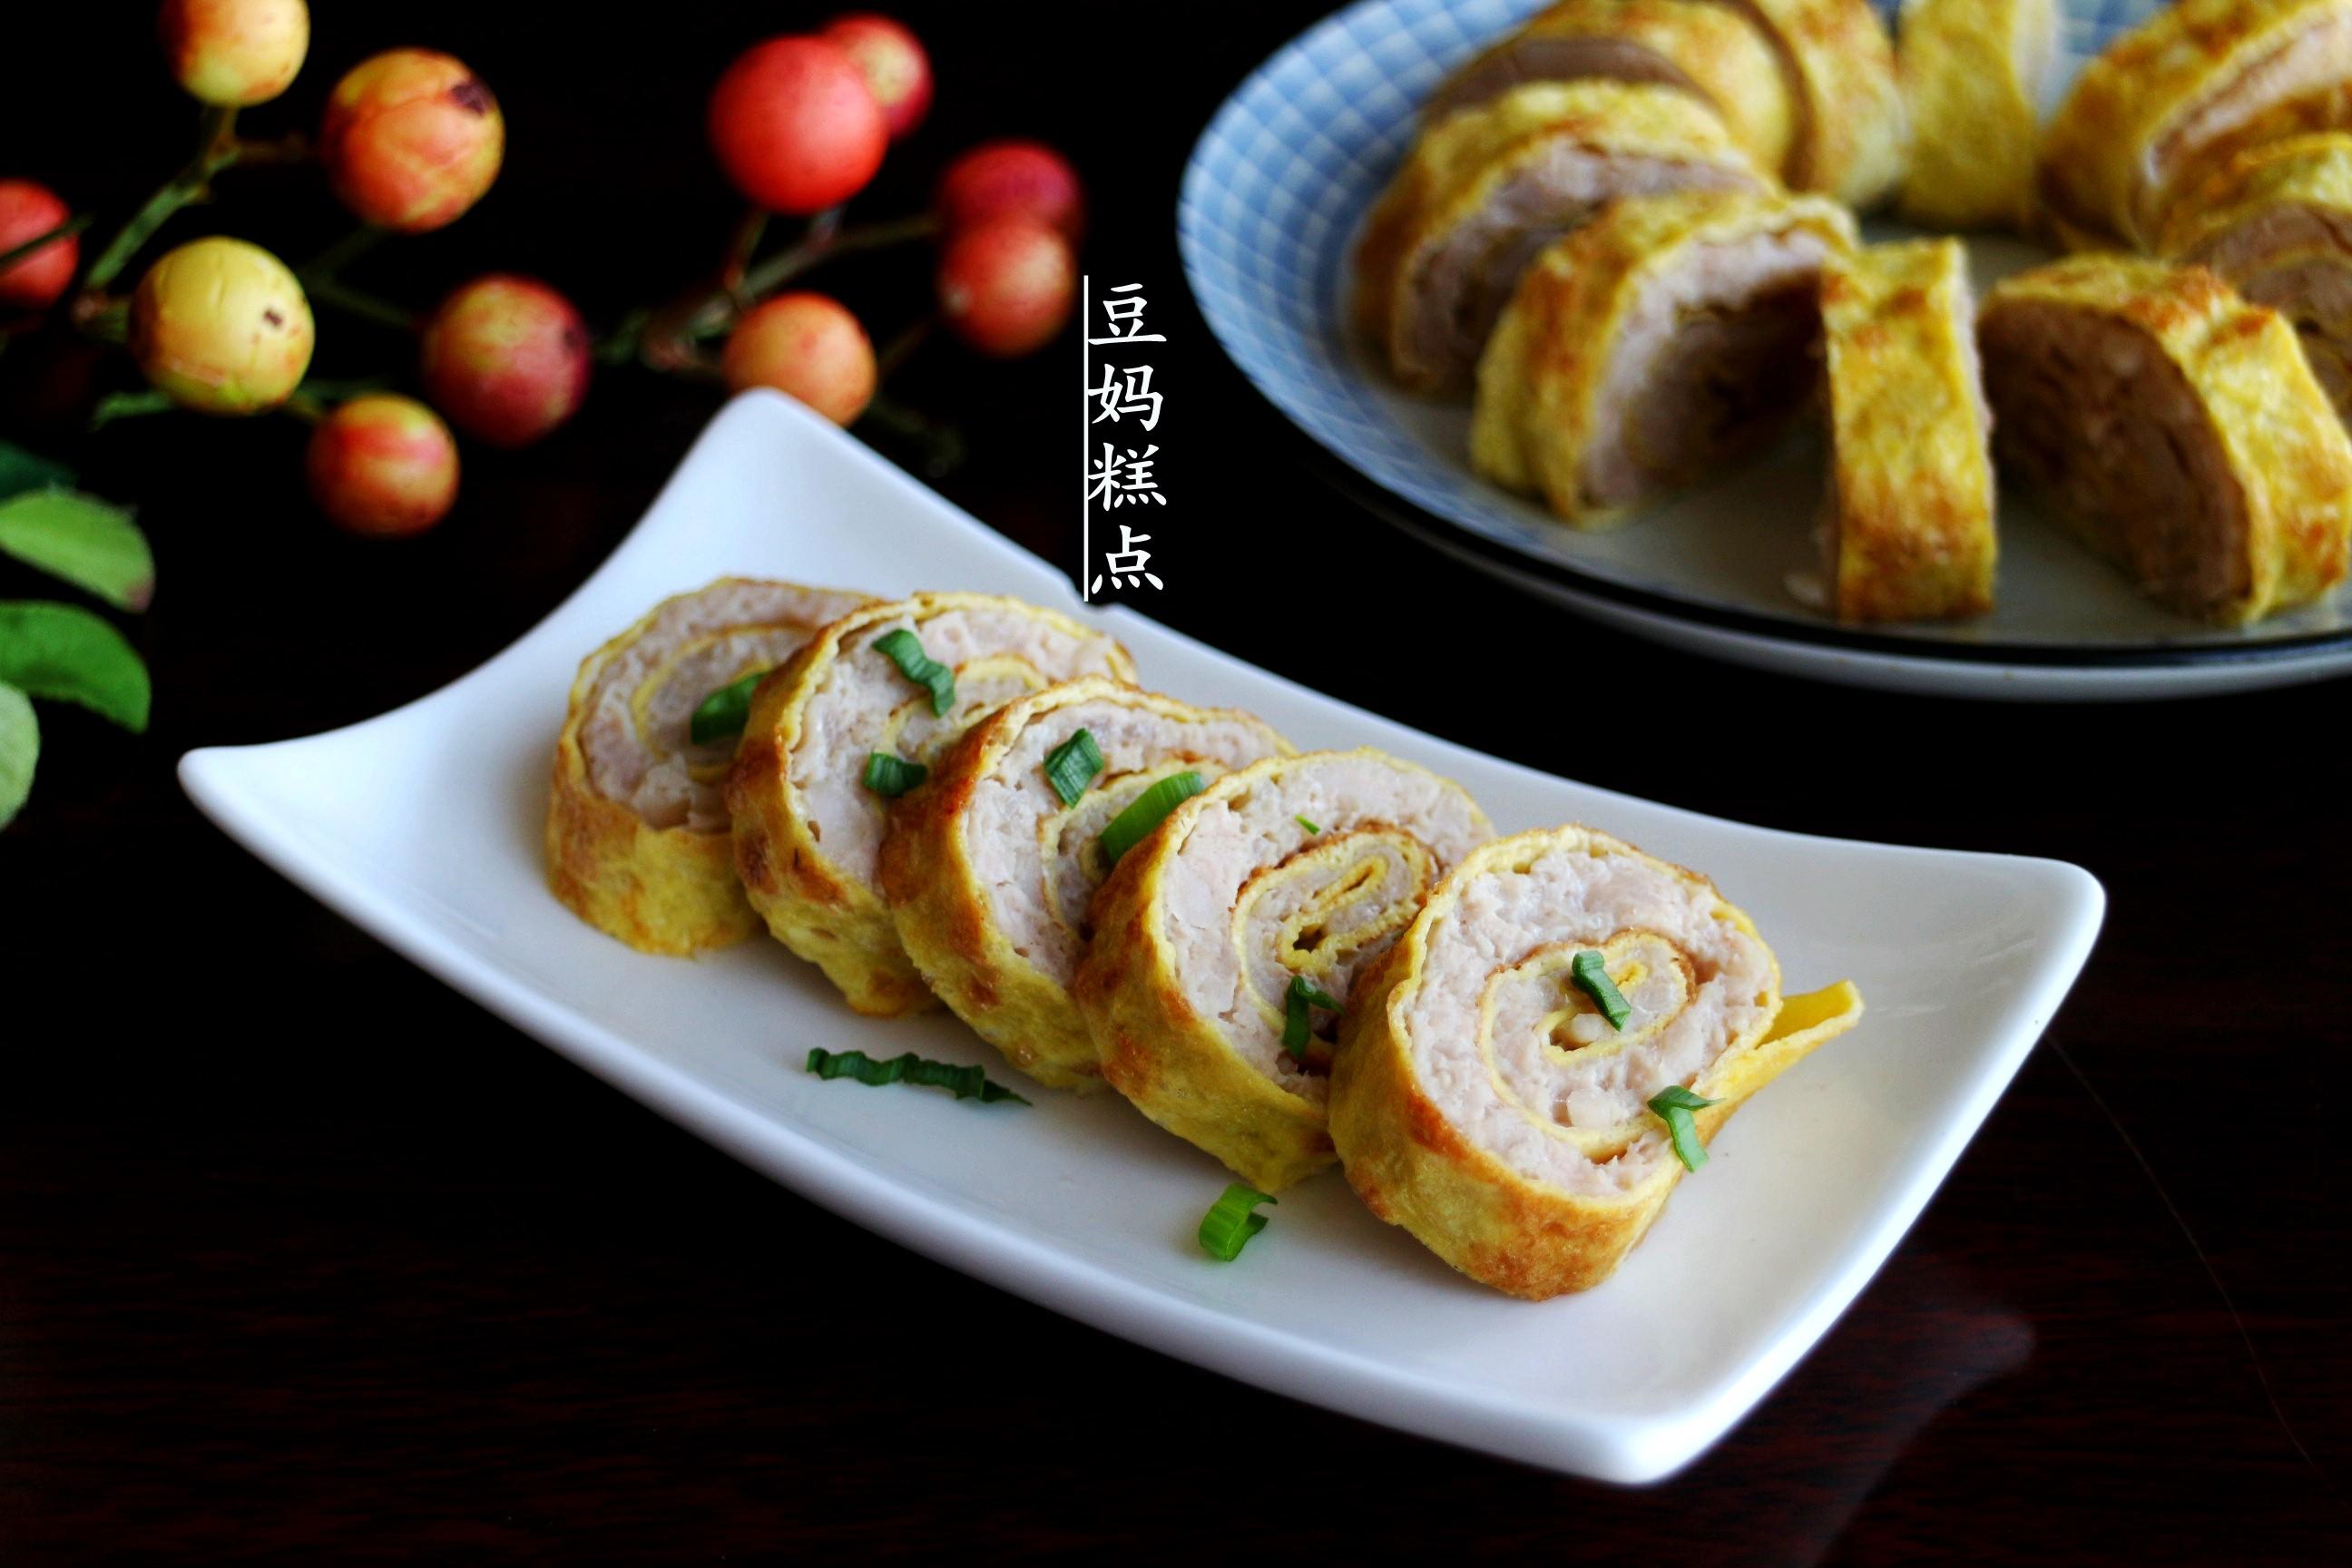 """年夜飯壓軸菜,一卷一蒸""""蒸蒸日上"""",自家吃待客都拿得出手"""